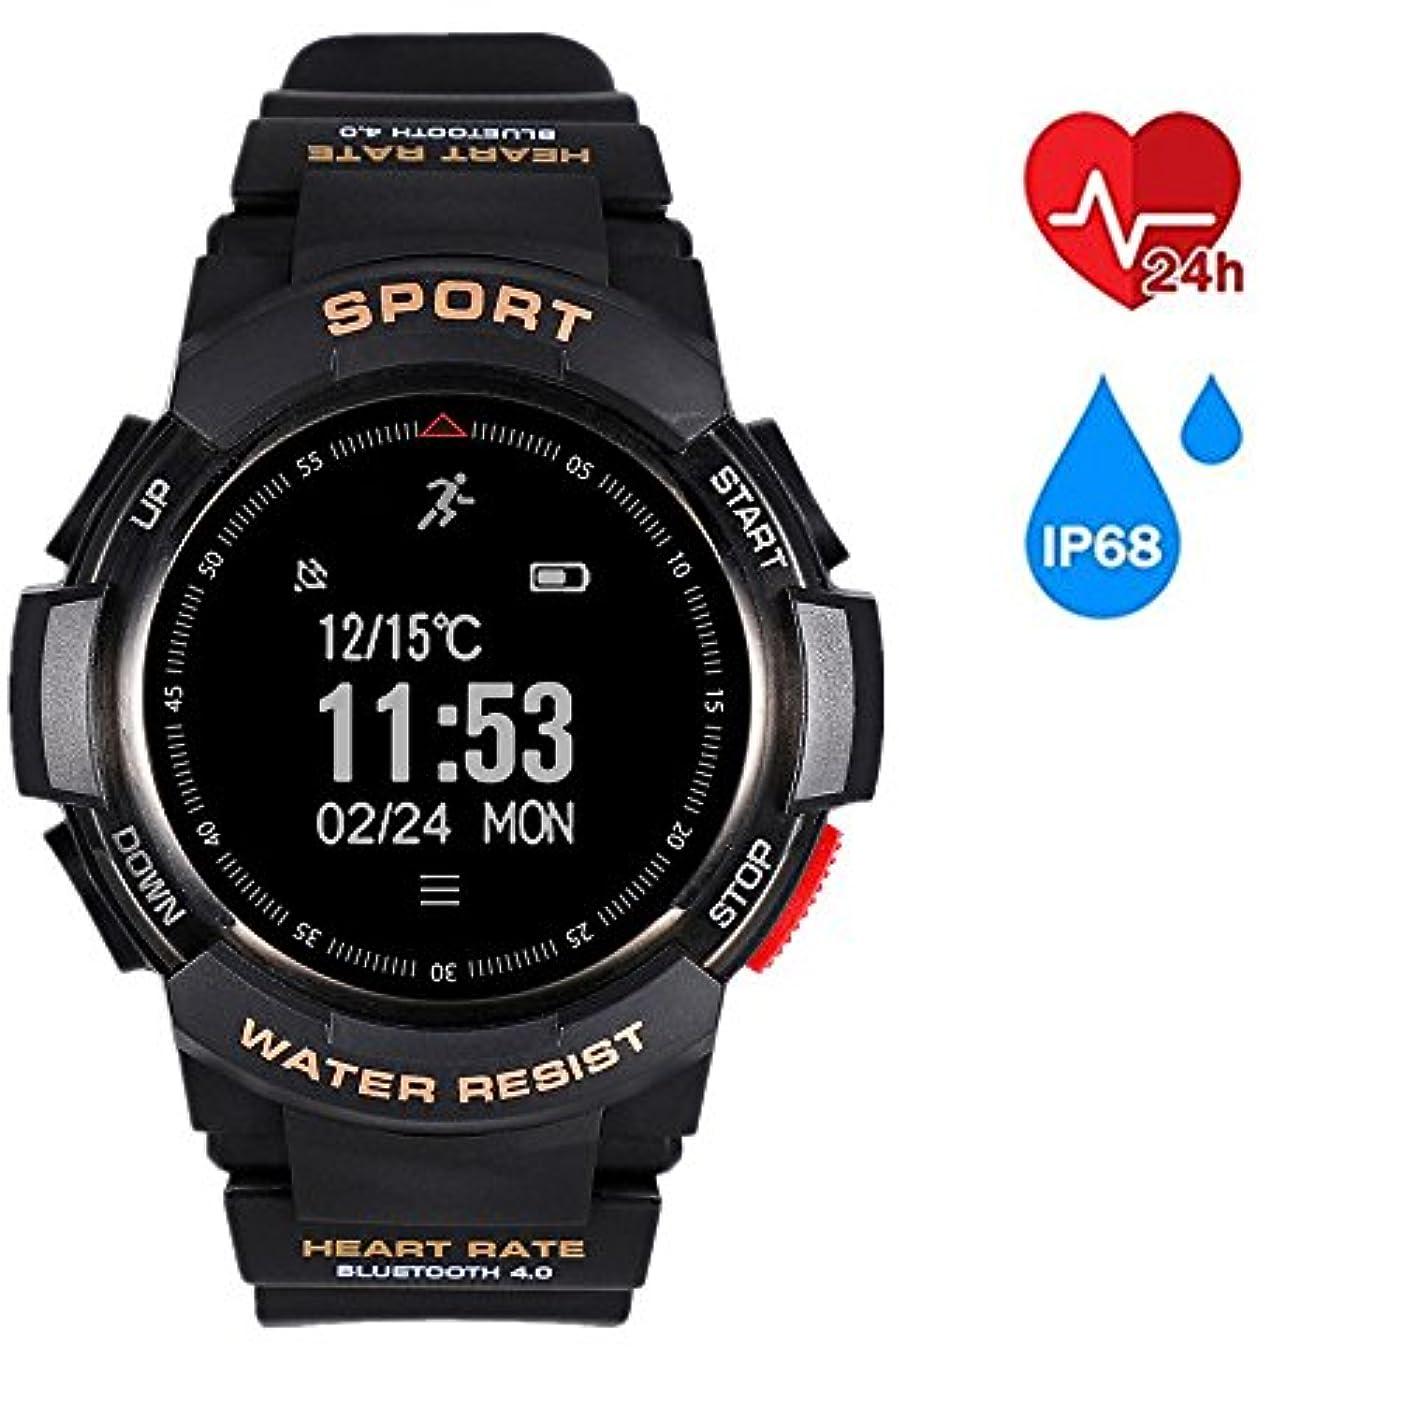 愛非武装化ペルソナf6 Bluetooth 4.0スマートリストバンドハートレートモニター歩数計ip68スポーツスマートウォッチスポーツブレスレット腕時計インテリジェント ブラック